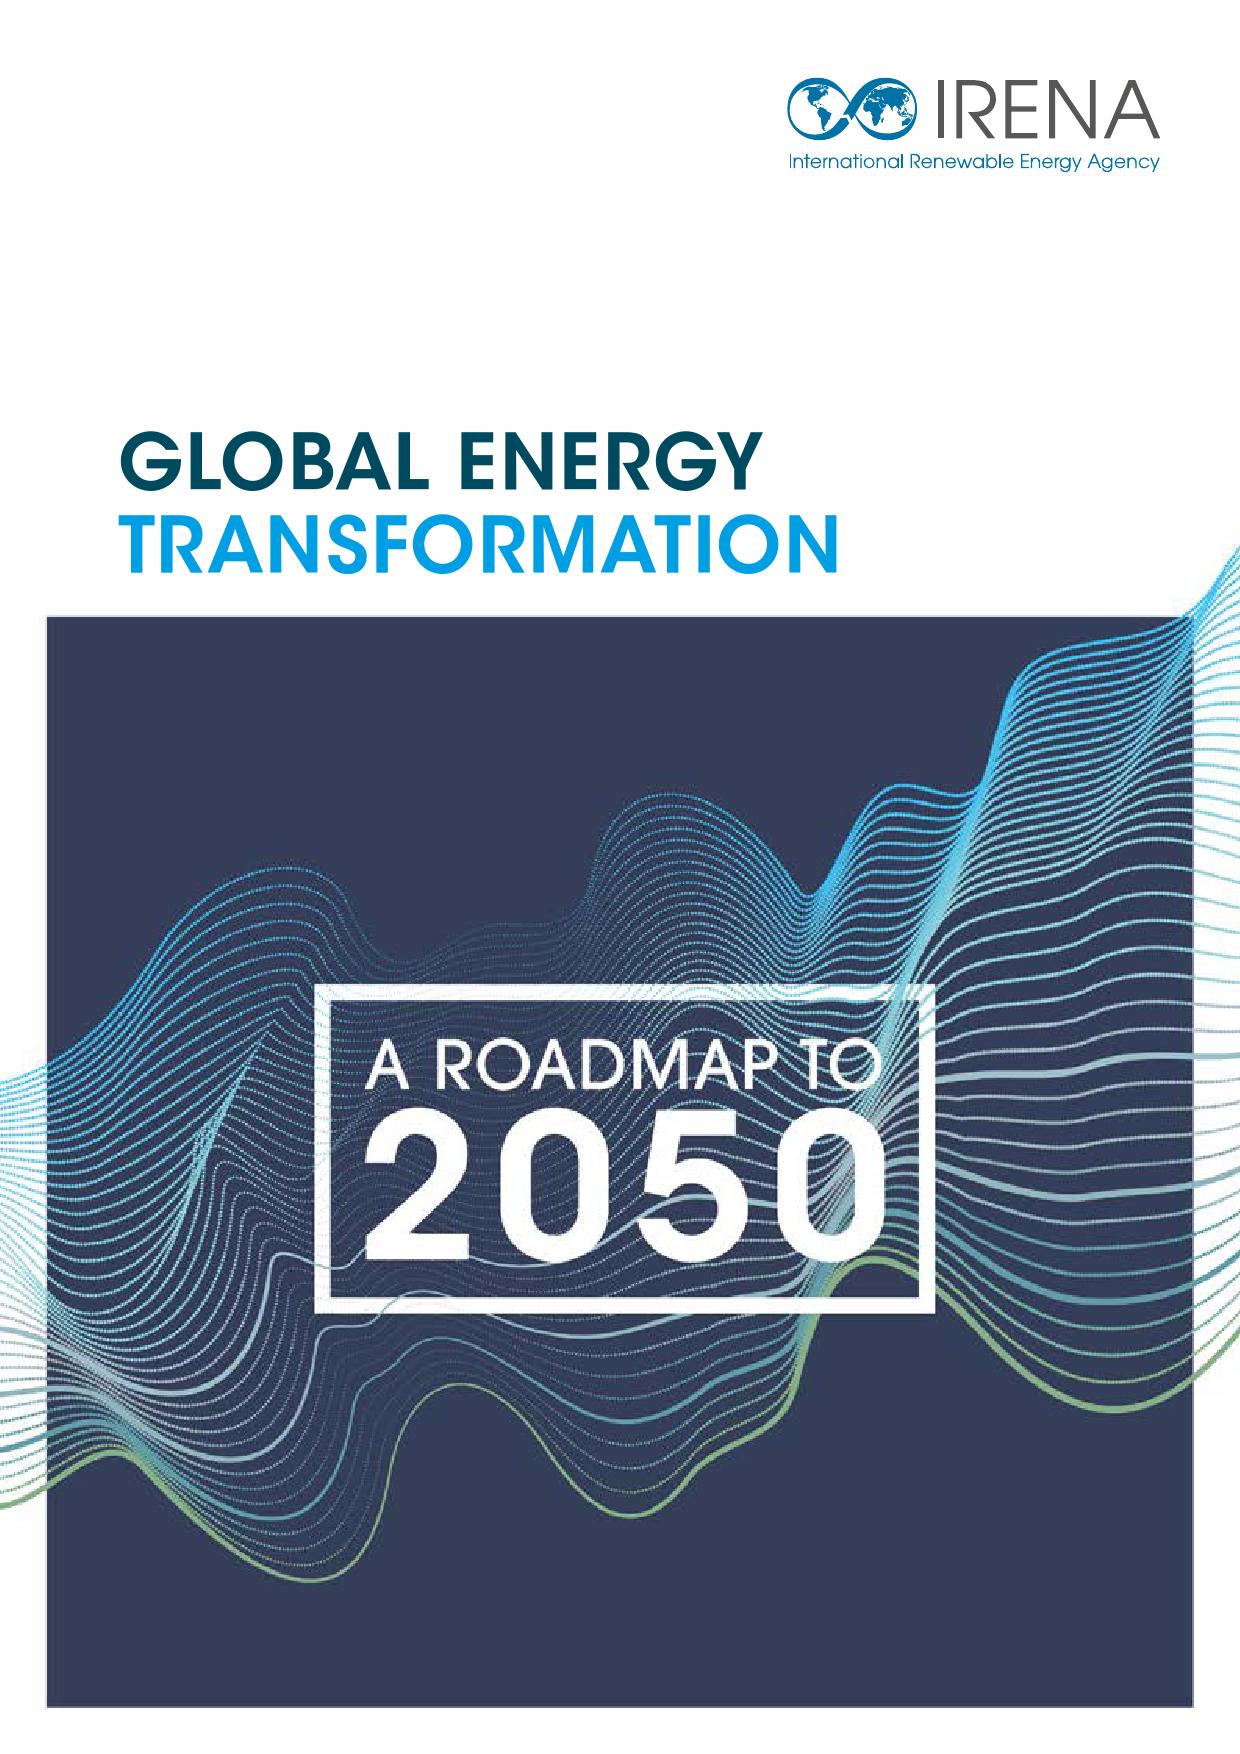 全球能源转型:到2050年的路线图